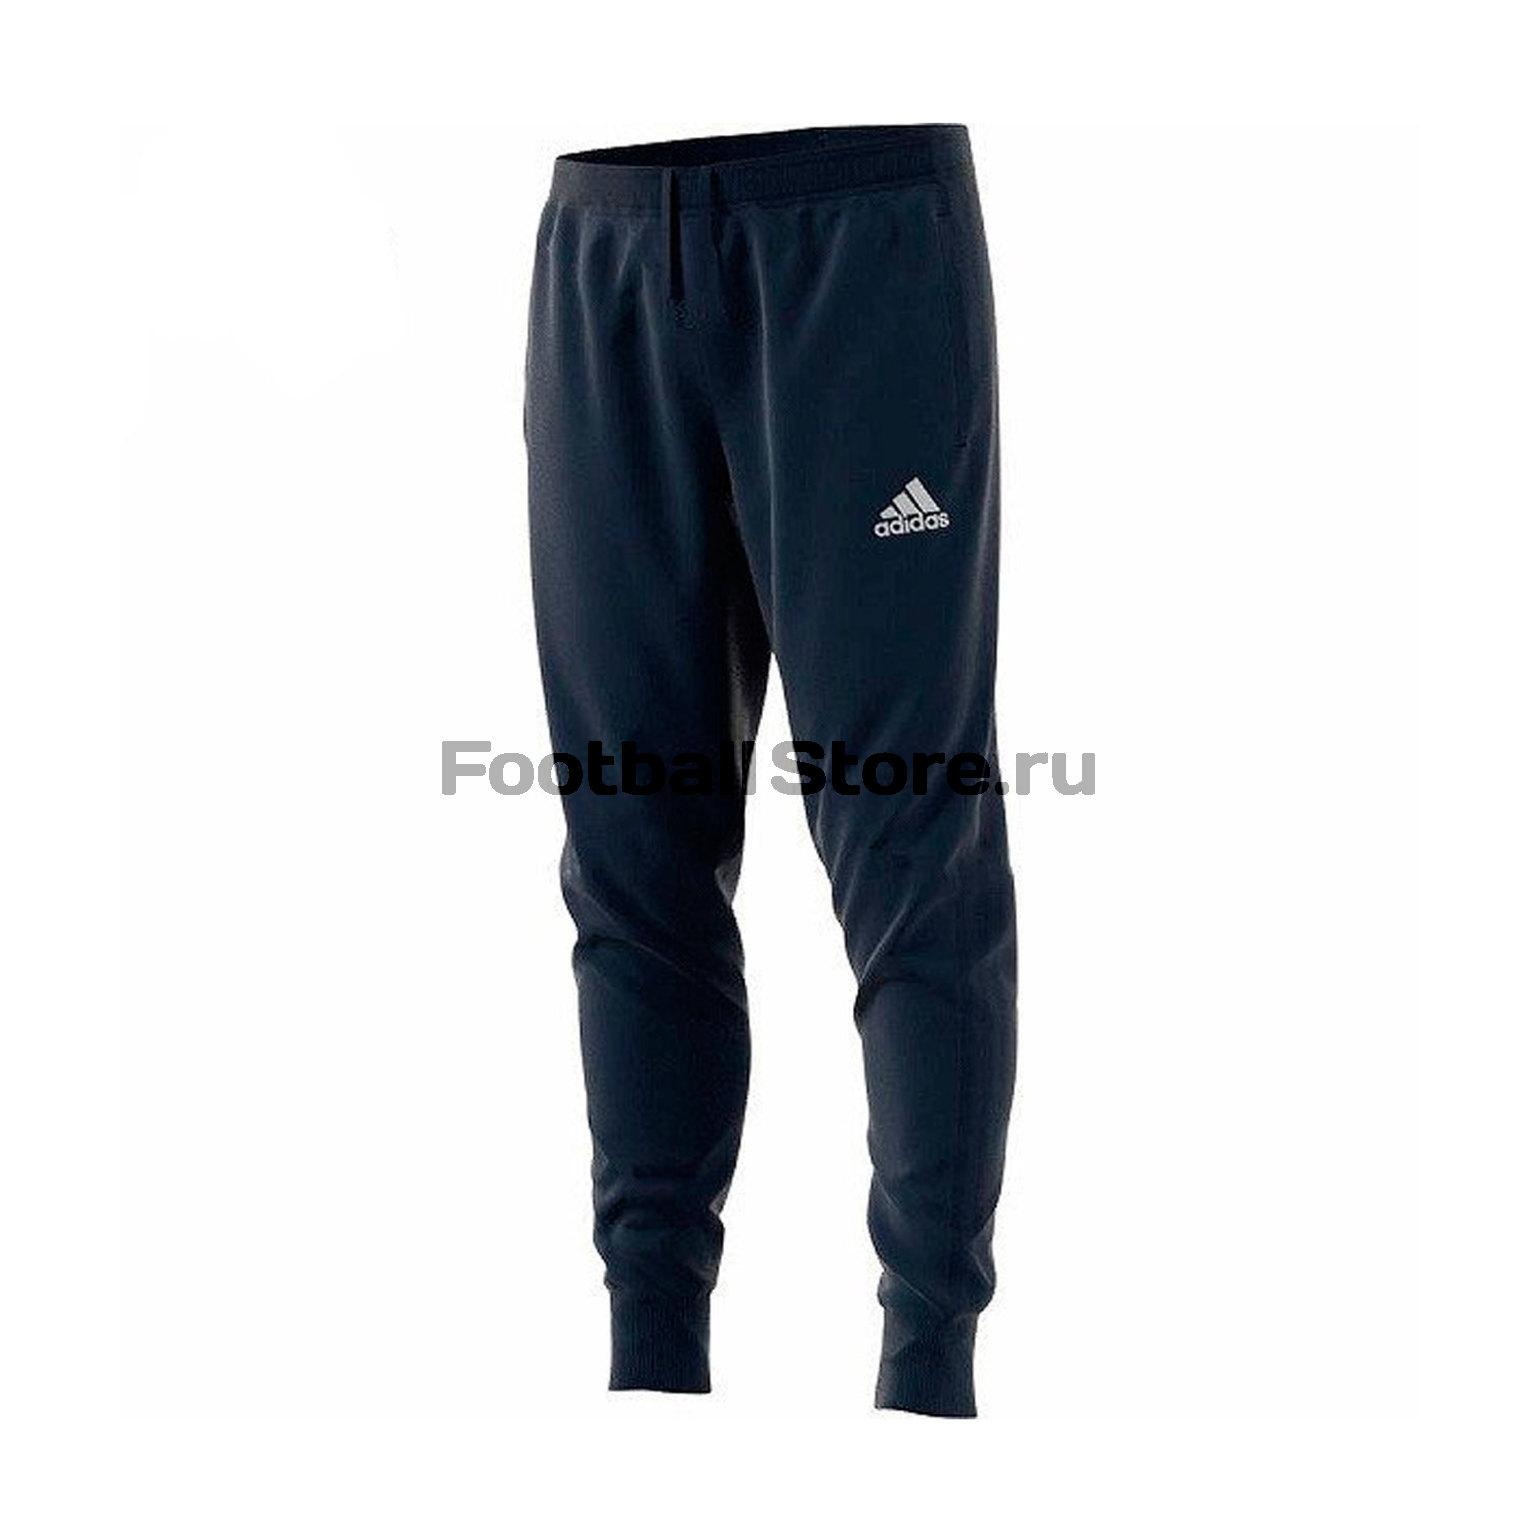 Брюки Adidas Брюки тренировочные Adidas Tiro17 SWT PNT BQ2678 брюки adidas брюки тренировочные adidas tiro17 3 4 pnt ay2879